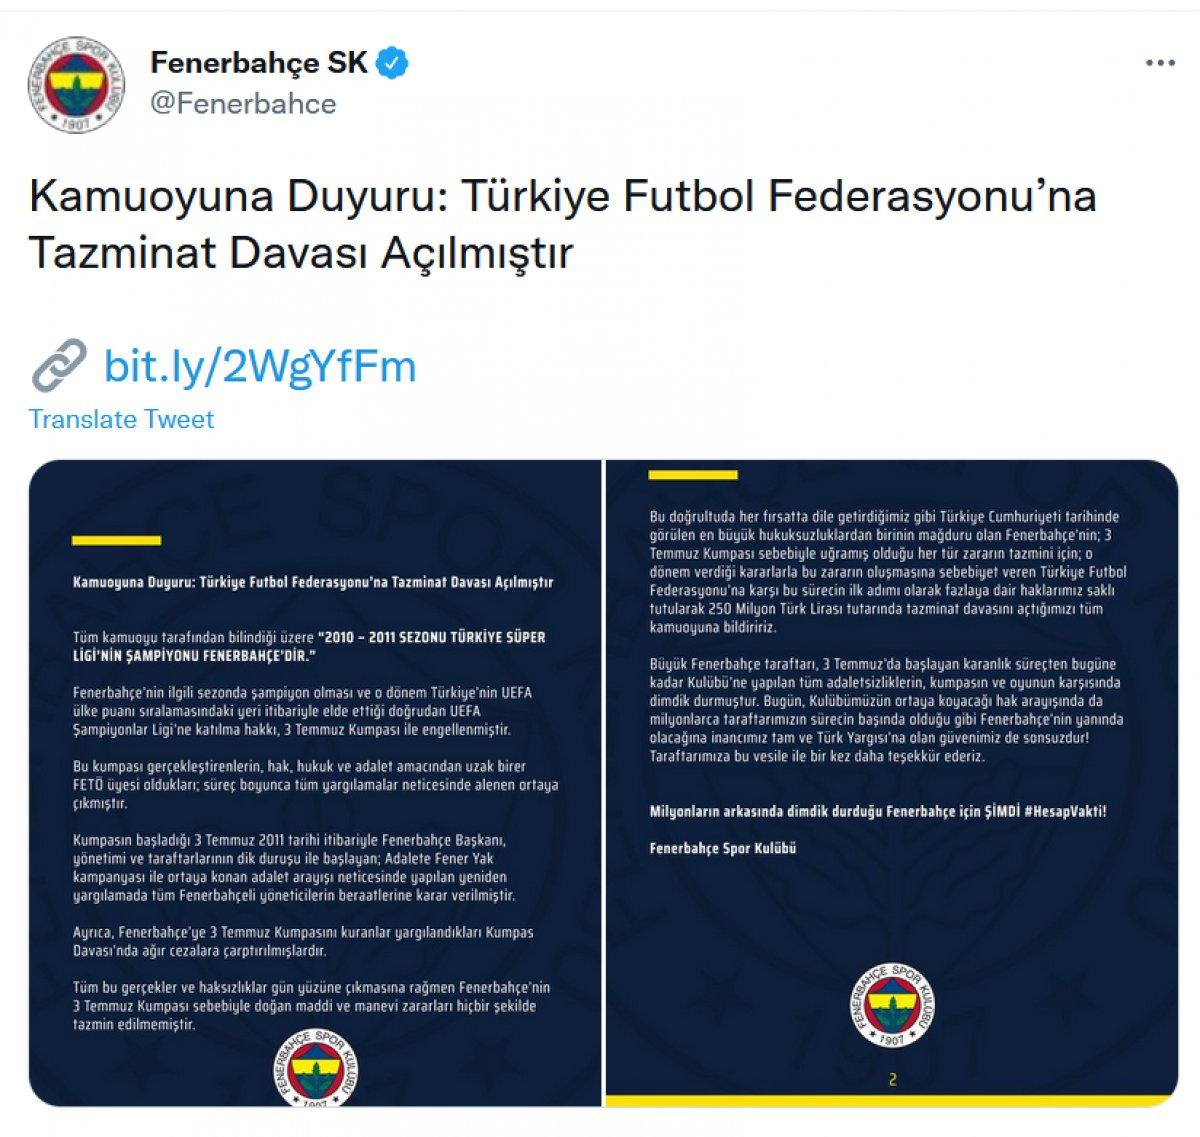 Fenerbahçe, TFF ye tazminat davası açtı #1